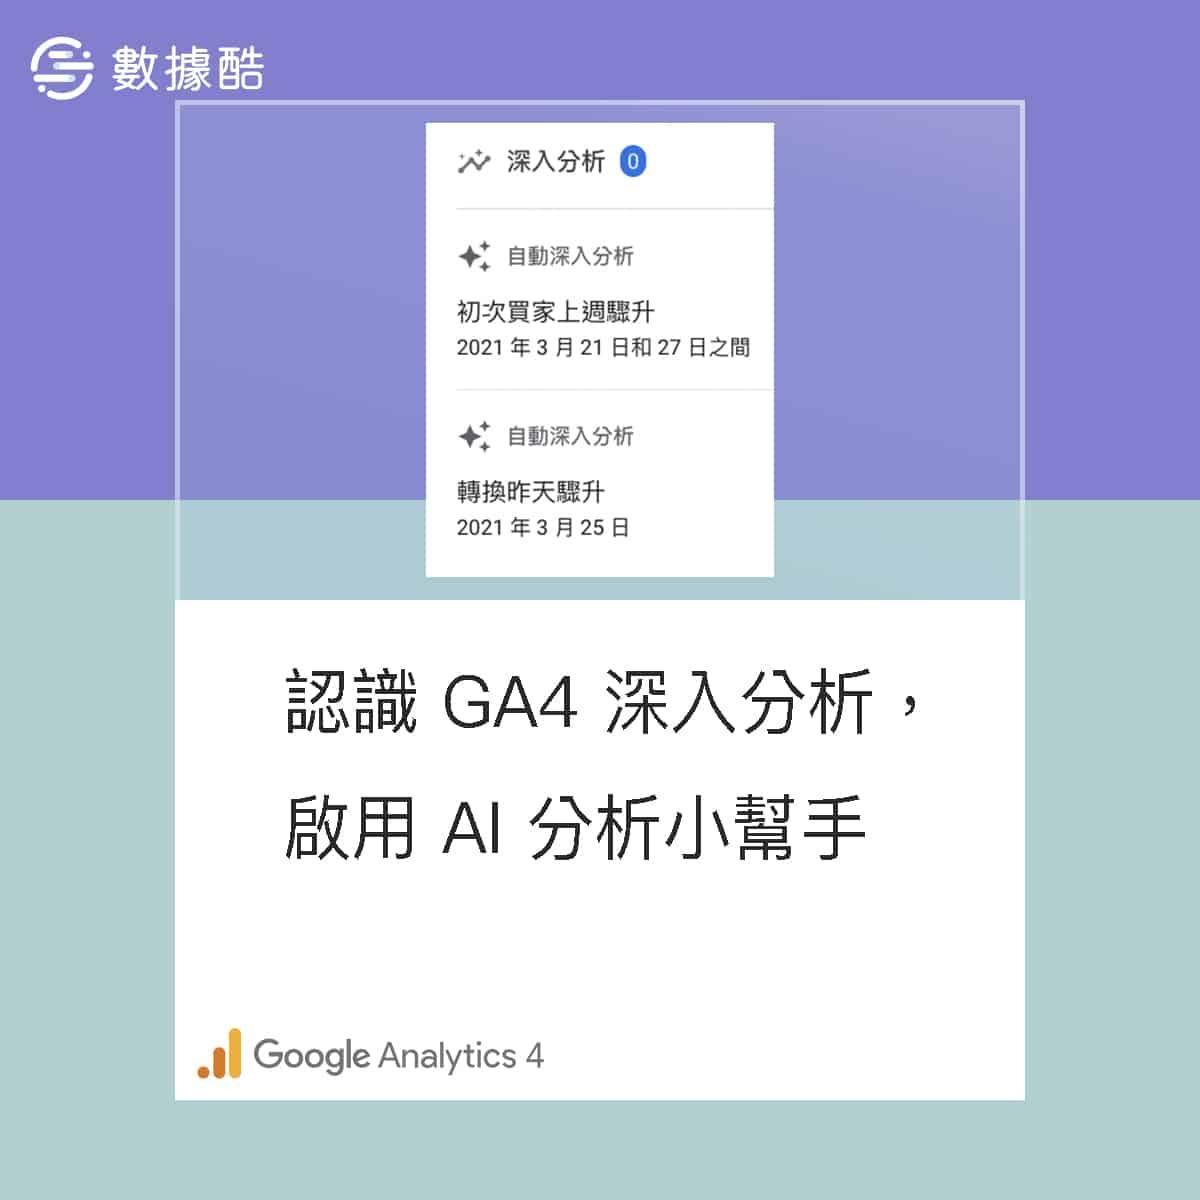 認識 Google Analytics 4 深入分析,啟用全自動 AI 分析小幫手